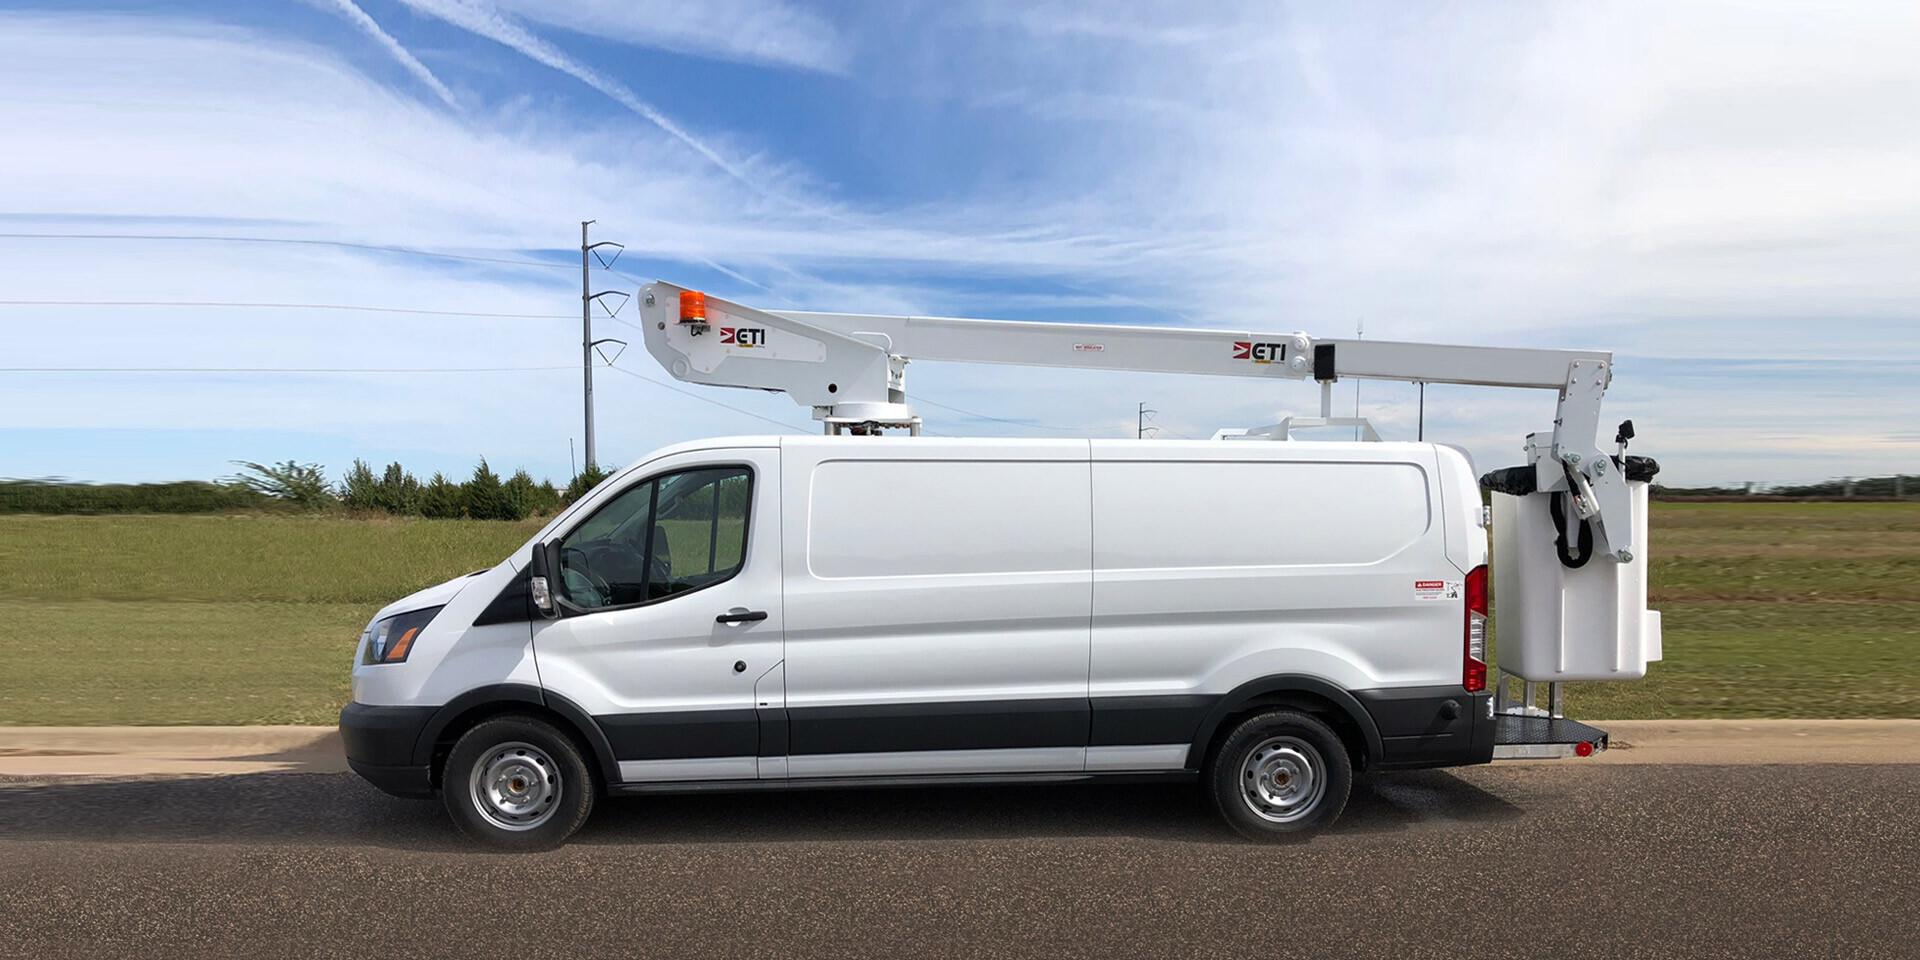 ETT 29 Aerial Lift Truck